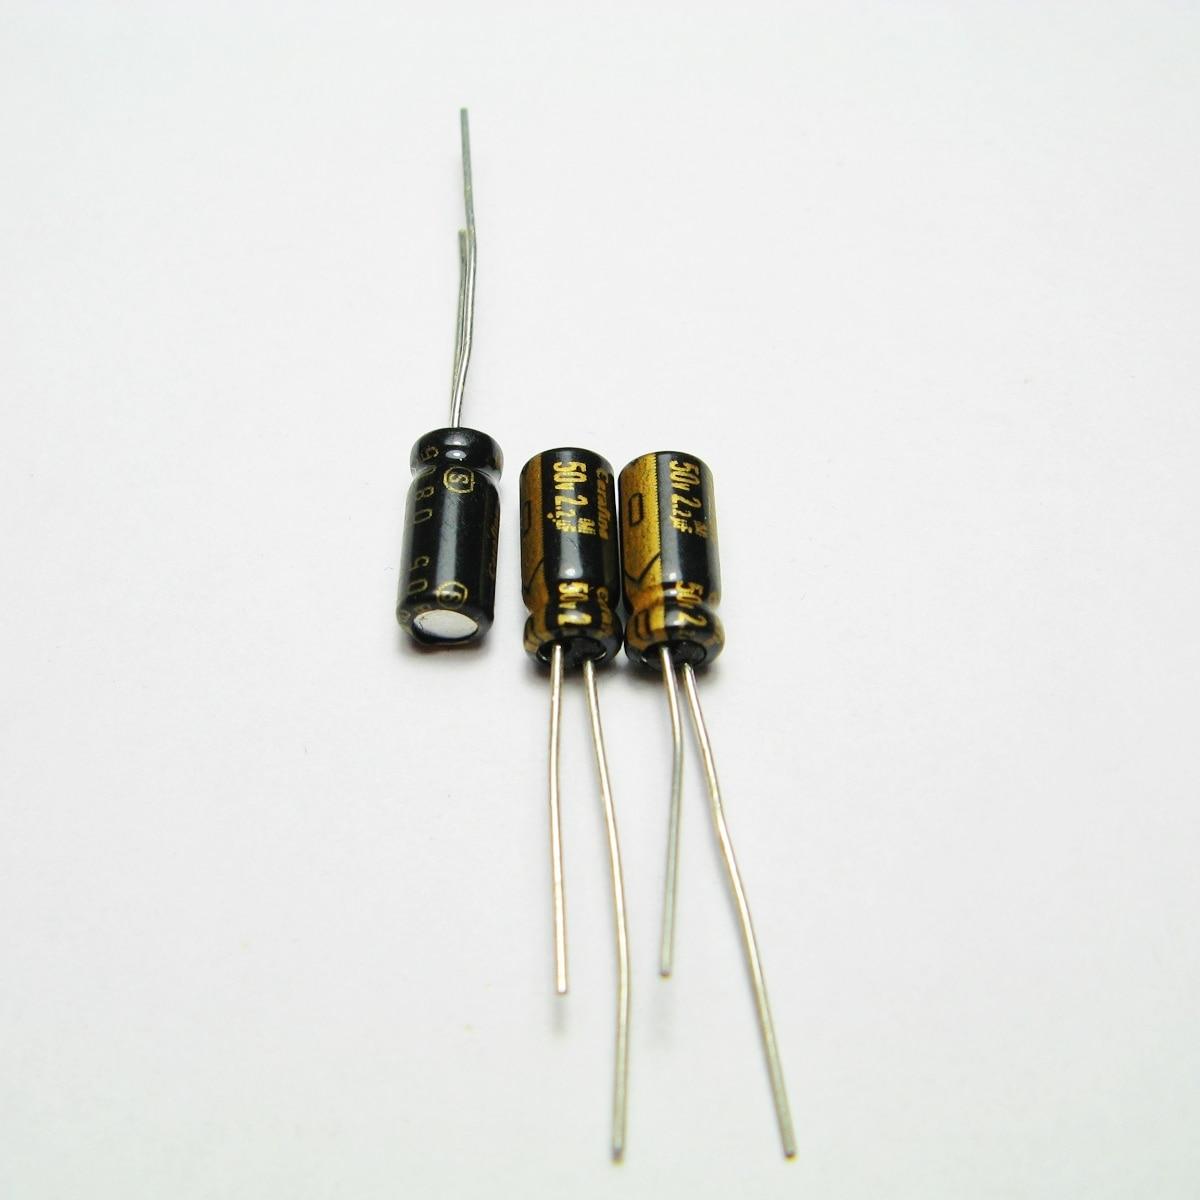 20pcs/50PCS Thailand ELNA Cerafine 50v2.2uf copper feet audio super capacitor electrolytic capacitors free shipping 5pcs 10pcs elna silmcii 16v2200uf 18 40 copper capacitor audio super capacitor electrolytic capacitors free shipping